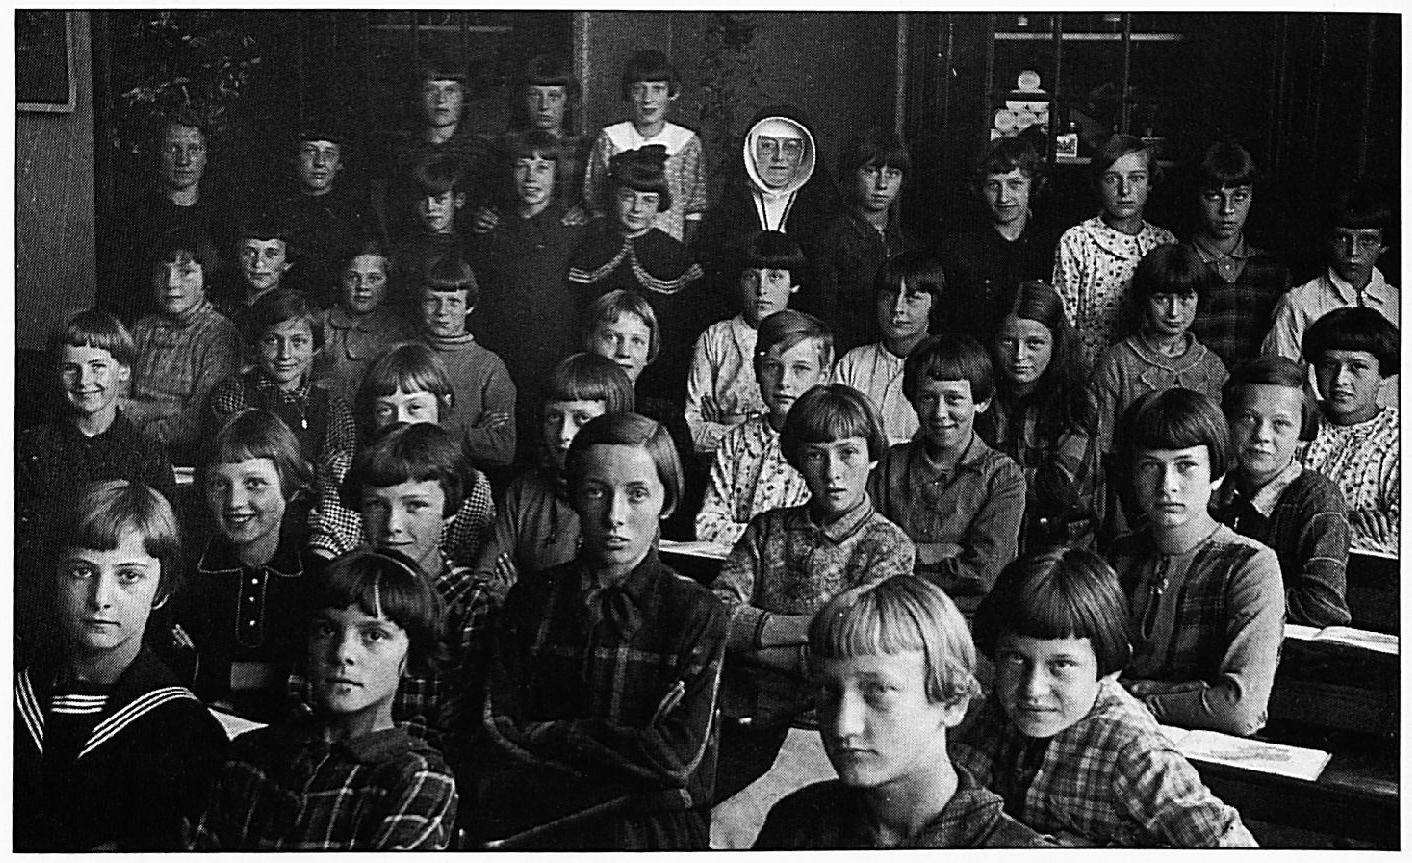 Twee foto's uit 1937, op de eerste foto ziet U van rechts voor naar achter zittend: Annie Meyer, Cis v.d. Hurk, Mar. van Echteld, Jo van Deursen, Pieta van Teeffelen. Tweede rij: Ietje Zondag, Jo Reijnders, Jo Vermeulen, Jo Martens, Nel v.d. Heuvel. Derde rij: Lena Pompen, Corrie van Rijn, Anneke Bouman, Hermien van Elk, Riek van Kessel. Vierde rij: Gonnie van Rossum, Truus Bouman, Sj. van Rossum, Annie Duifhuis. Vijfde rij: A. v.d . Heuvel, Bets van Kessel, Thea van Bergen, Annie Pardoel. Zesde rij : Cilia Sengers, Sjaan Beck. Staande v.l.n.r.: Juffrouw Truus de Rouw, Riek Post, lneke Nuy, Nelly Bouman, Gradeke Gerritsen, Zr. Ludgardi s, Nel Gerritsen, Tonnie Giesbers, Riek van Elk, Annie Gerritsen, tussen de laatste twee in ervóór Elia Putters en aan het eind A. van Zwam. Links boven geheel achteraan staande: An Post, Luus van Echteld en Benha Gerritsen.